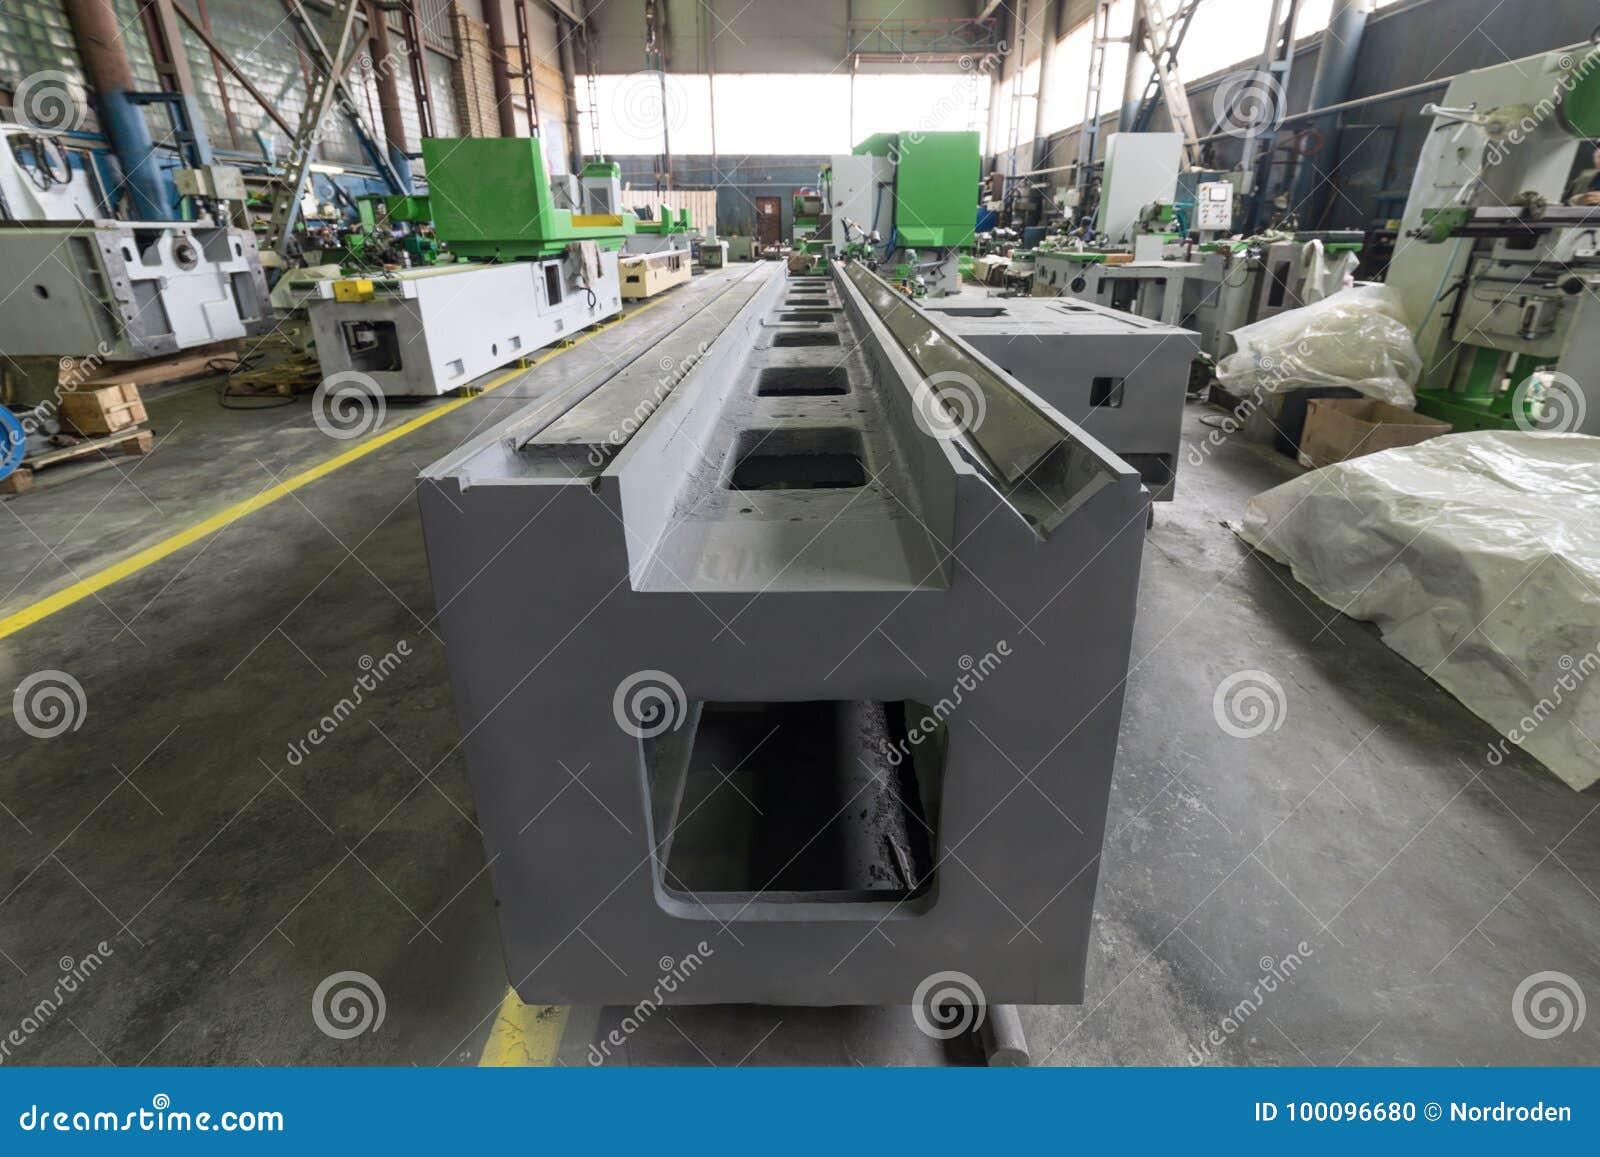 Base de la máquina-herramienta Nave de montaje de una fábrica moderna